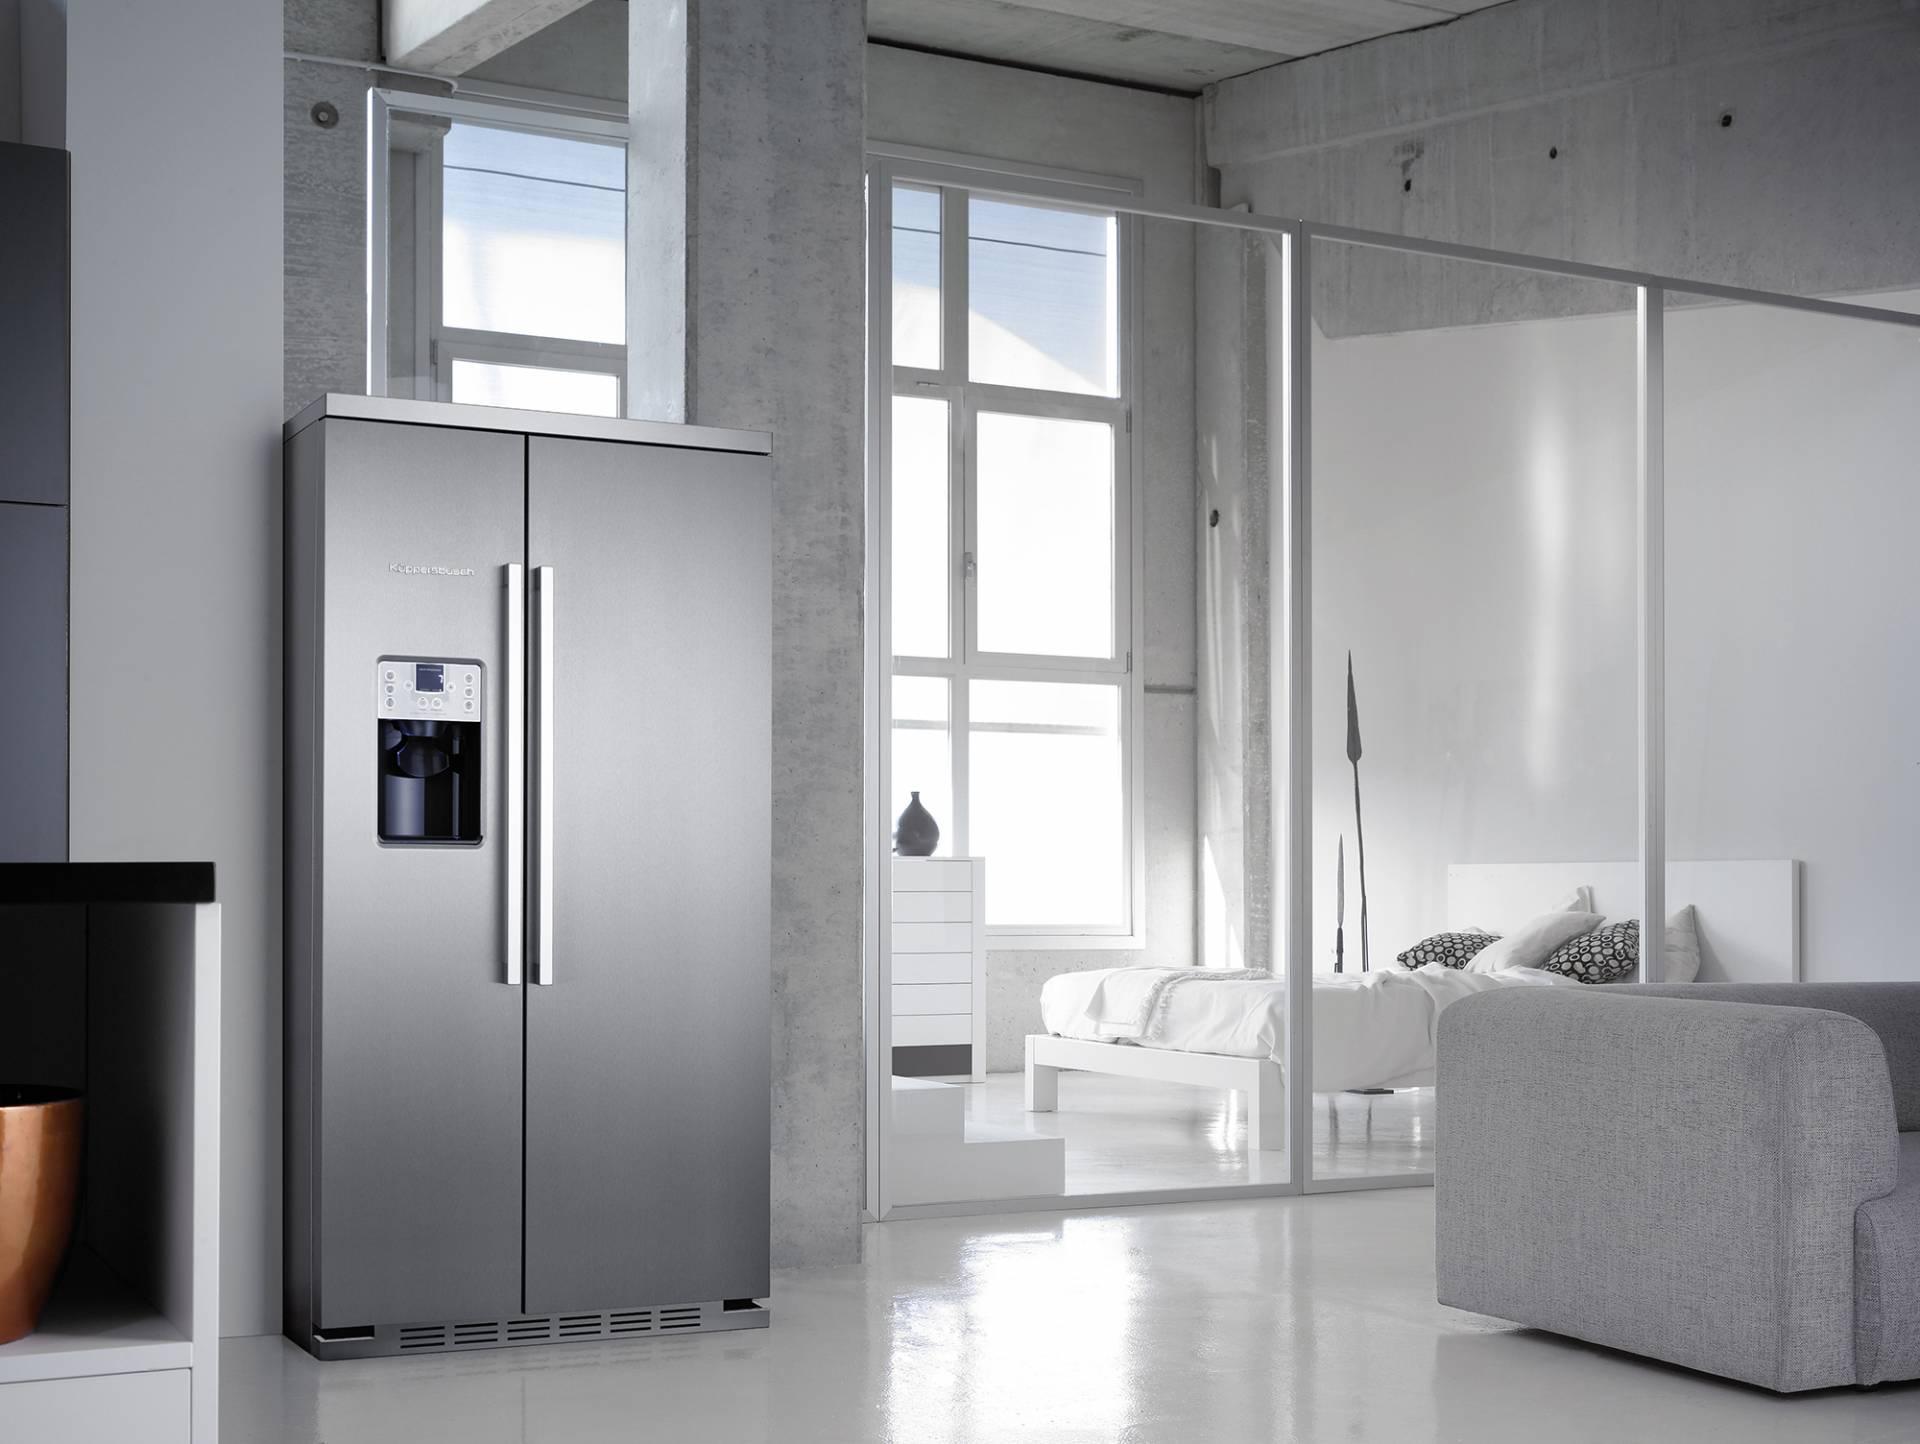 Mit Dem Küppersbusch Kühl/Gefrierkombination KE 9750 0 2T Gehören  überfüllte Kühlschränke Und Vollgestopfte Gefrierfächer Gehören Der  Vergangenheit An.